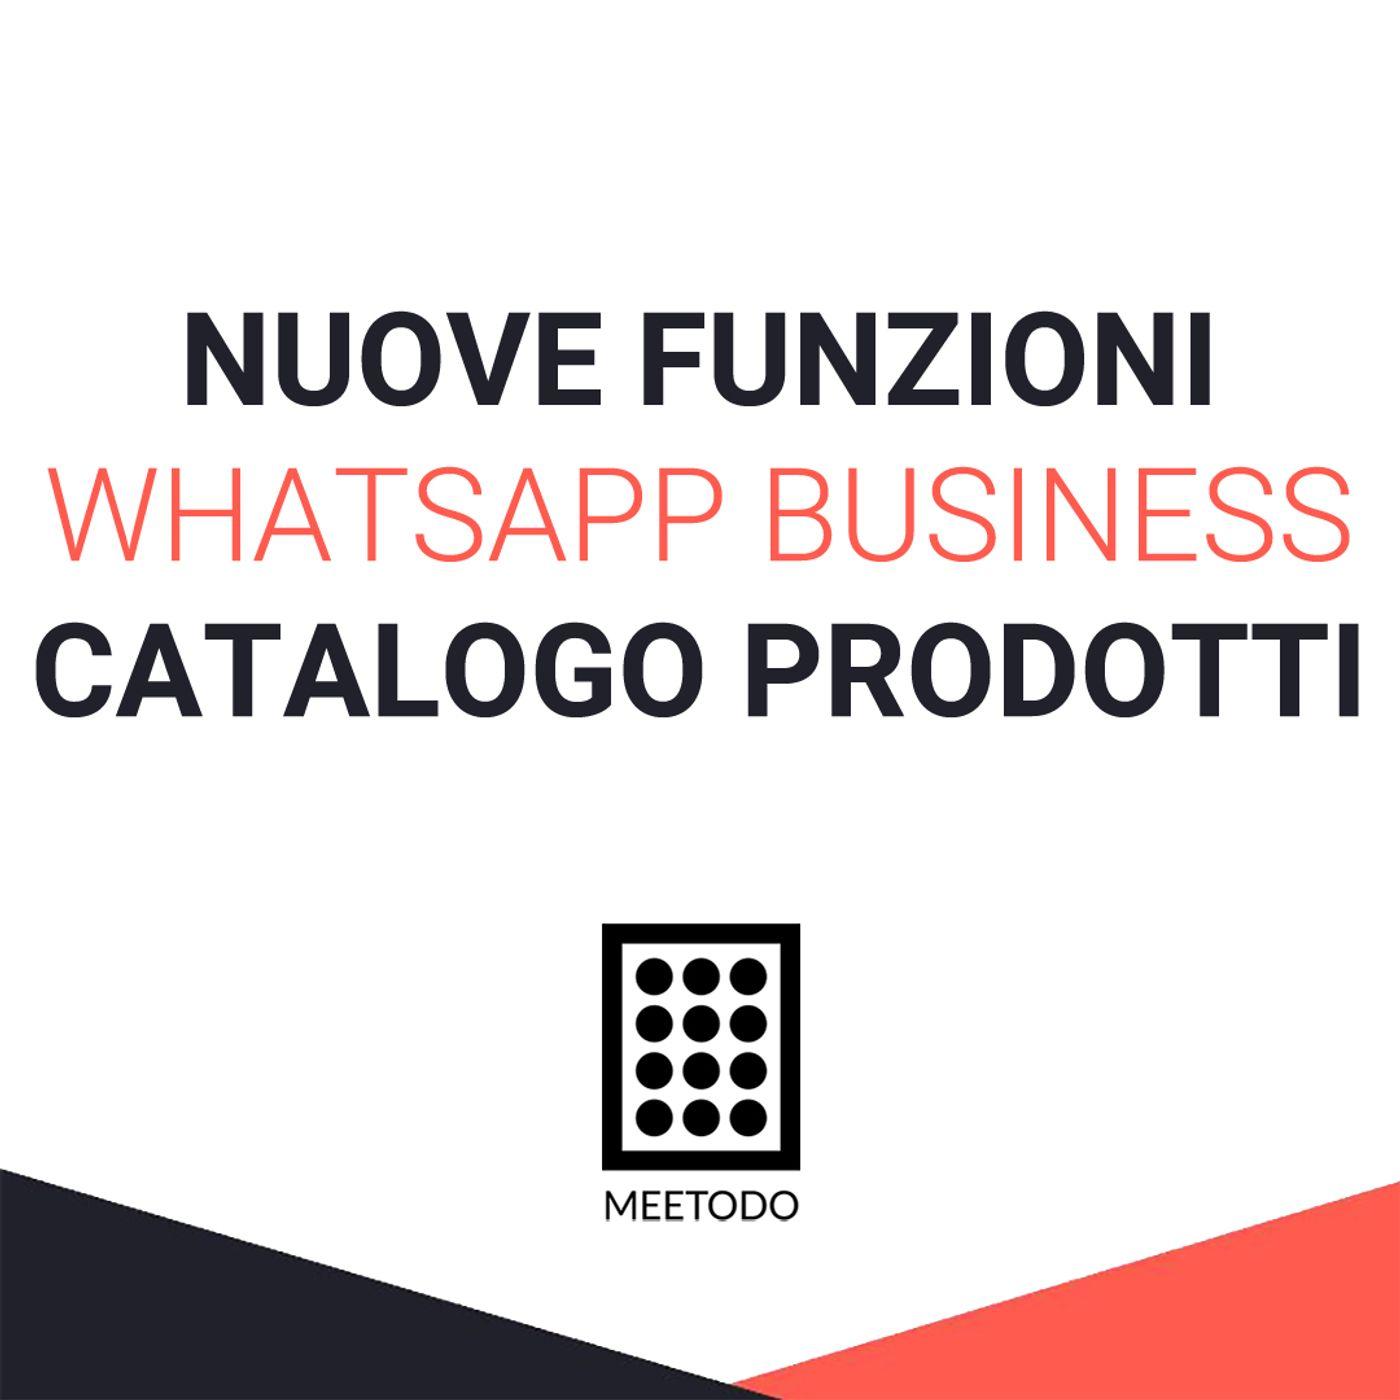 WhatsApp Business nuova funzione dedicata alle piccole imprese la vetrina virtuale per i prodotti.